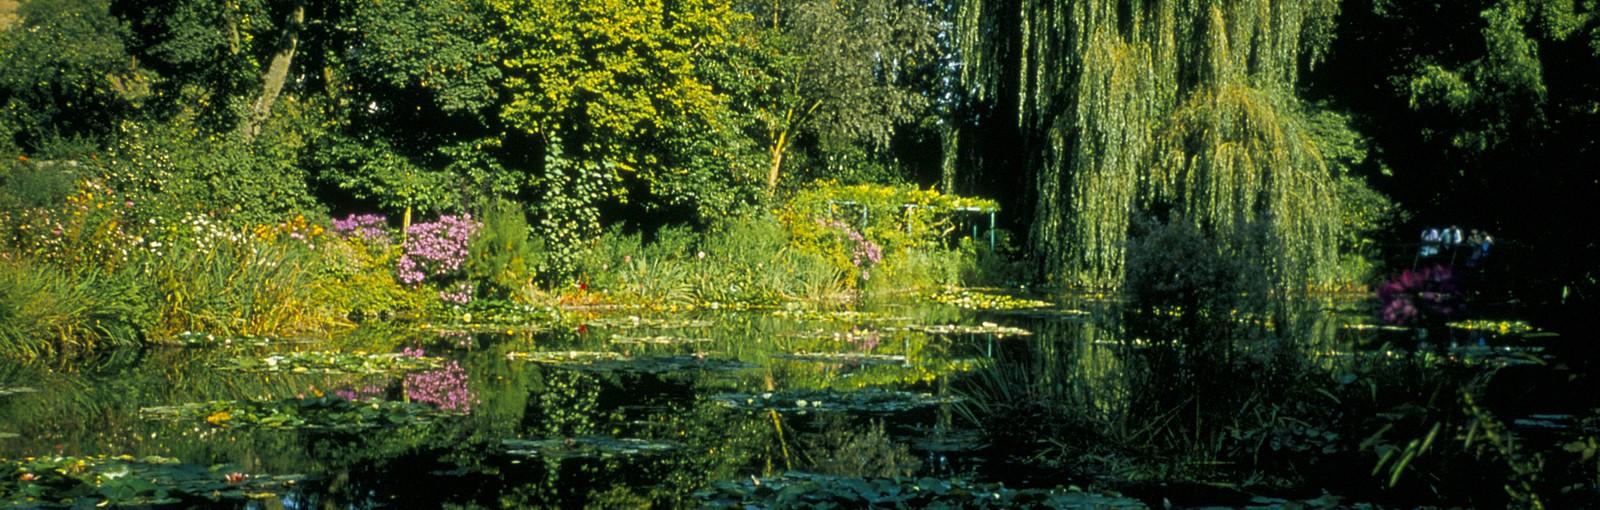 Tours Giverny y Versalles - Días completos - Excursiones desde París